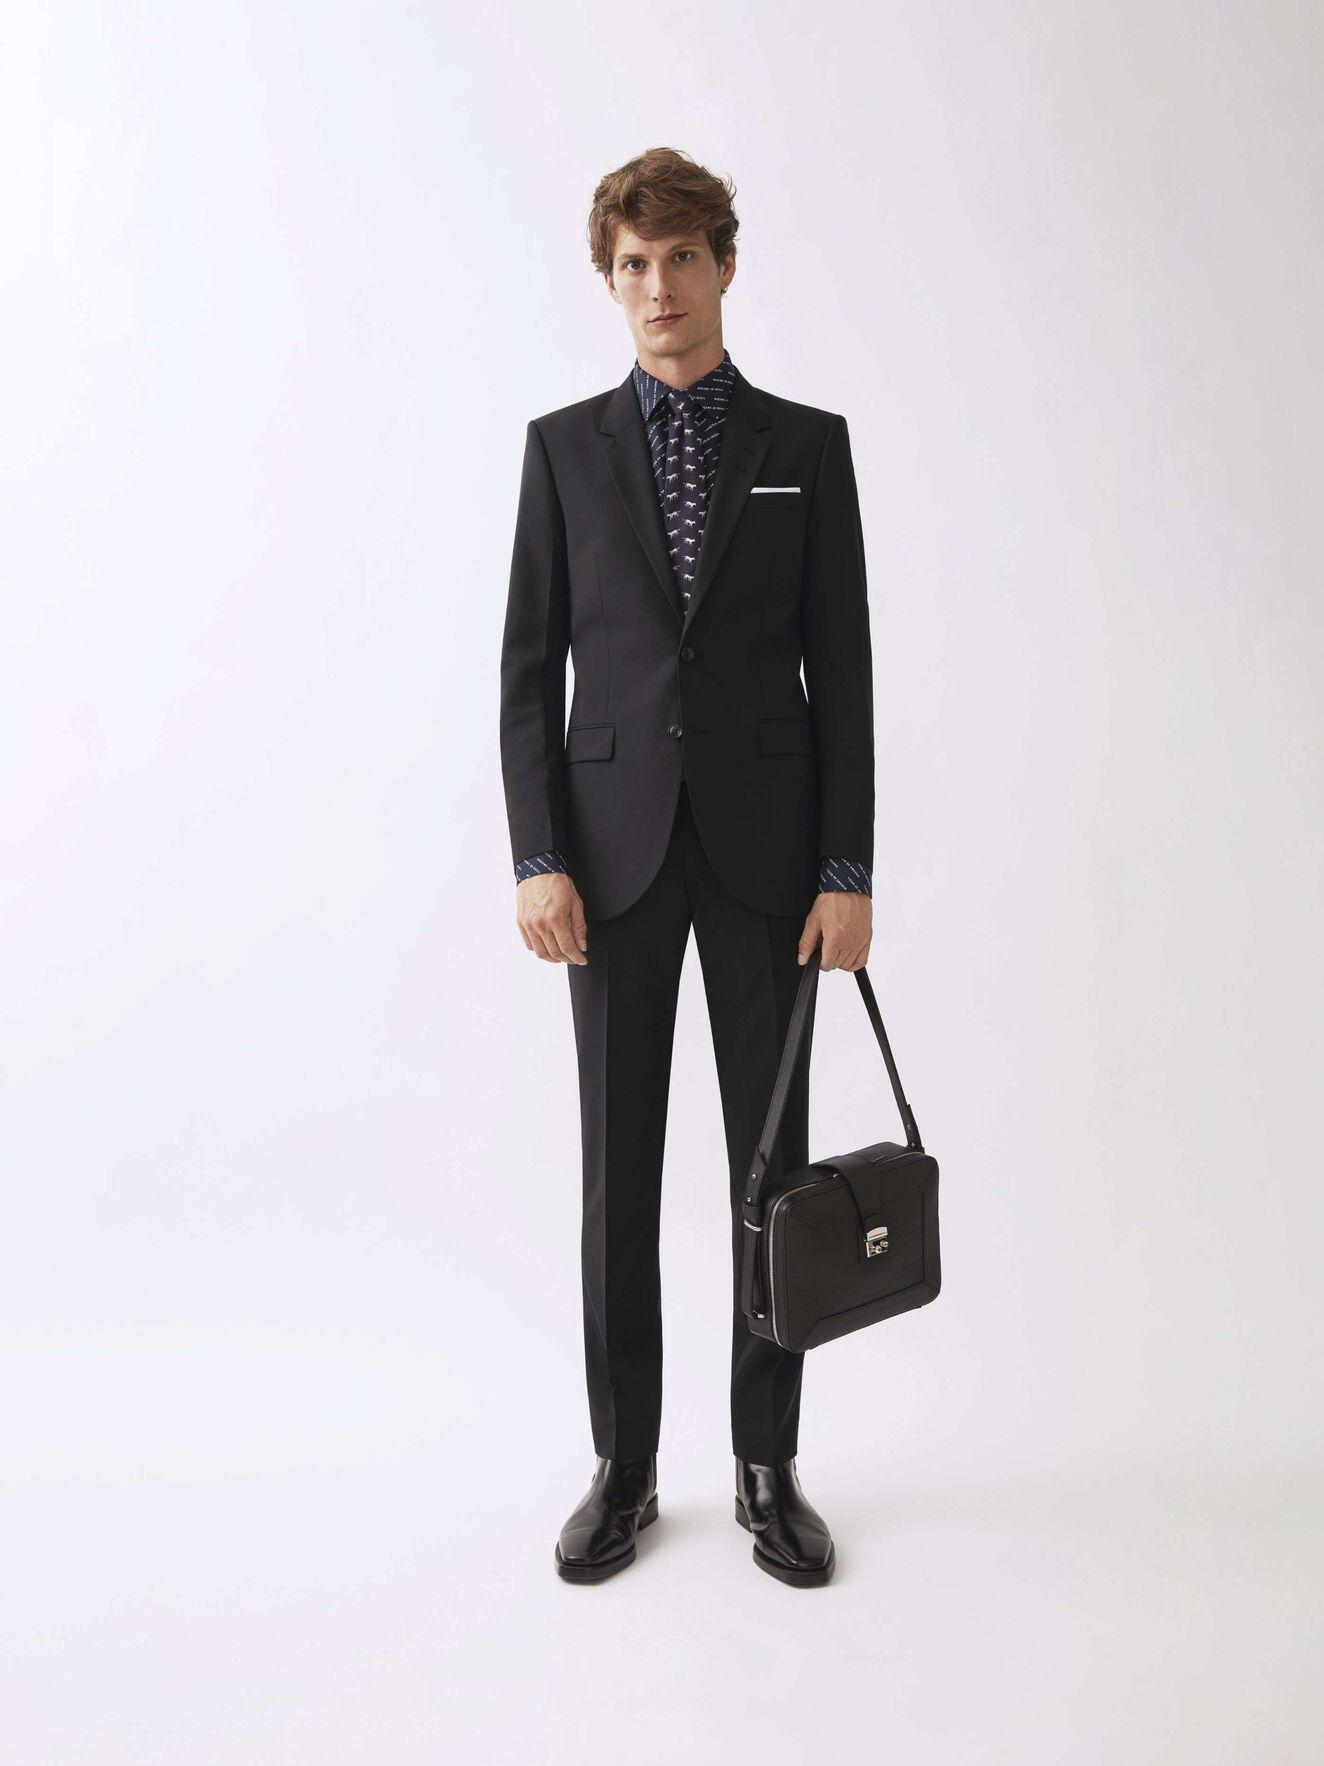 Swedish Clothing Designers | Men Shop Tiger Of Sweden Men S Clothing Online